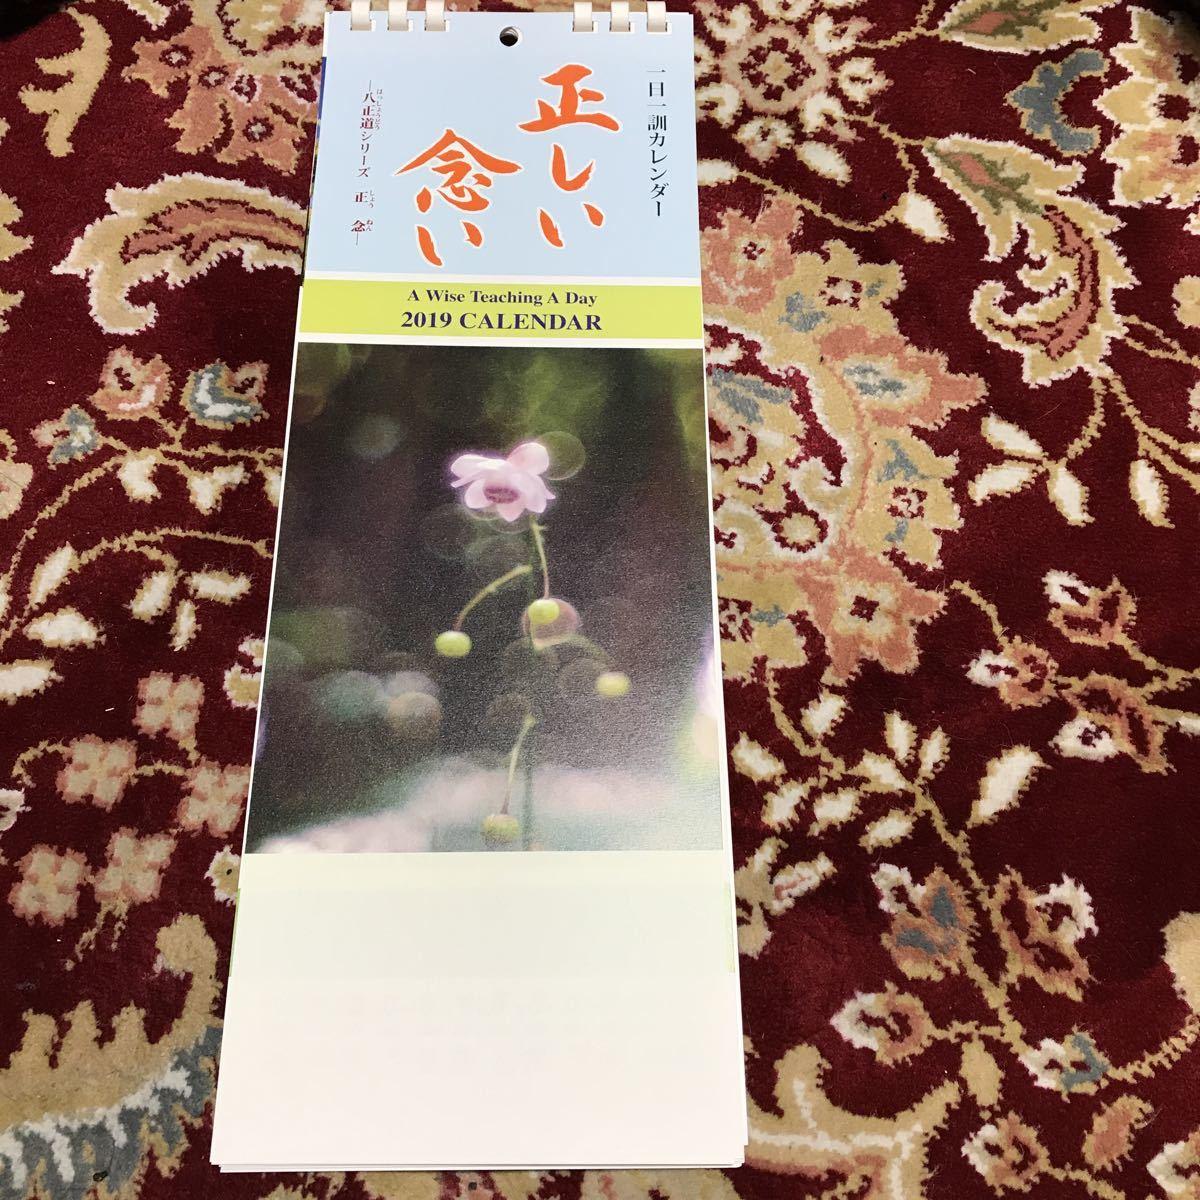 一日一訓カレンダー『正しい念い』ー八正道シリーズ 正念ー_画像1